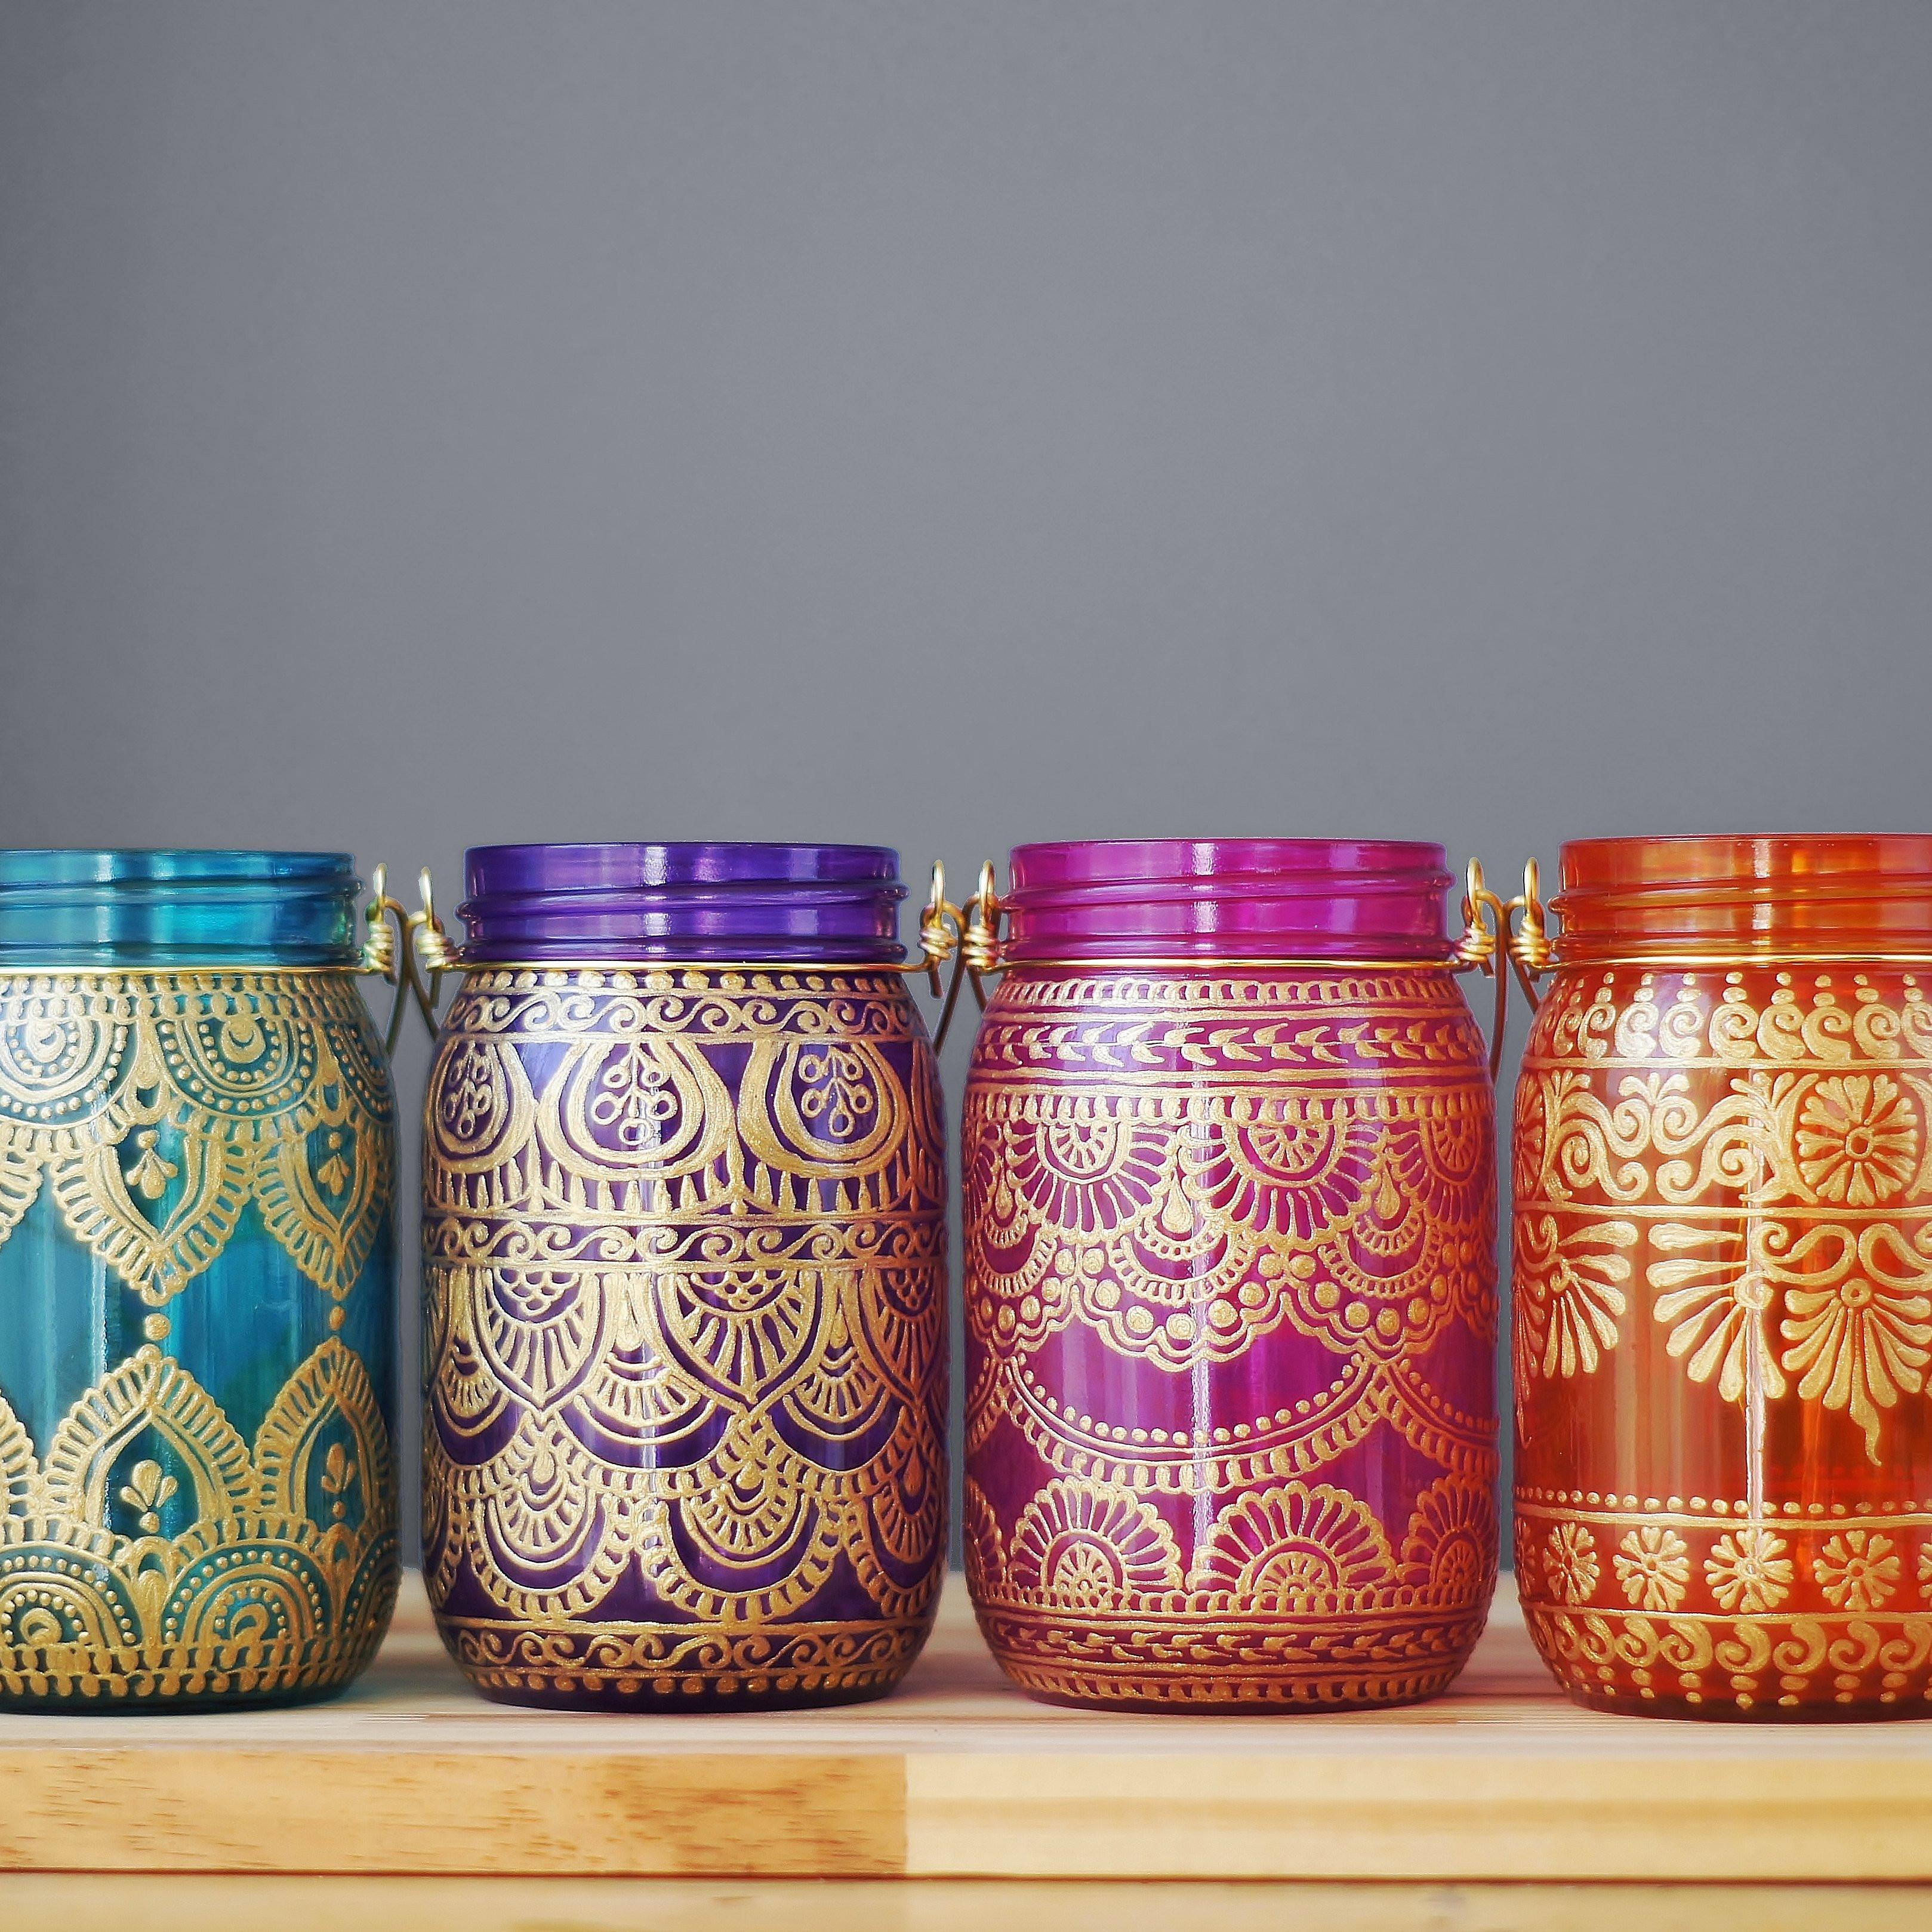 glass bud vase set of henna bud vase set moroccan decor bohemian glass vase best etsy with litdecor